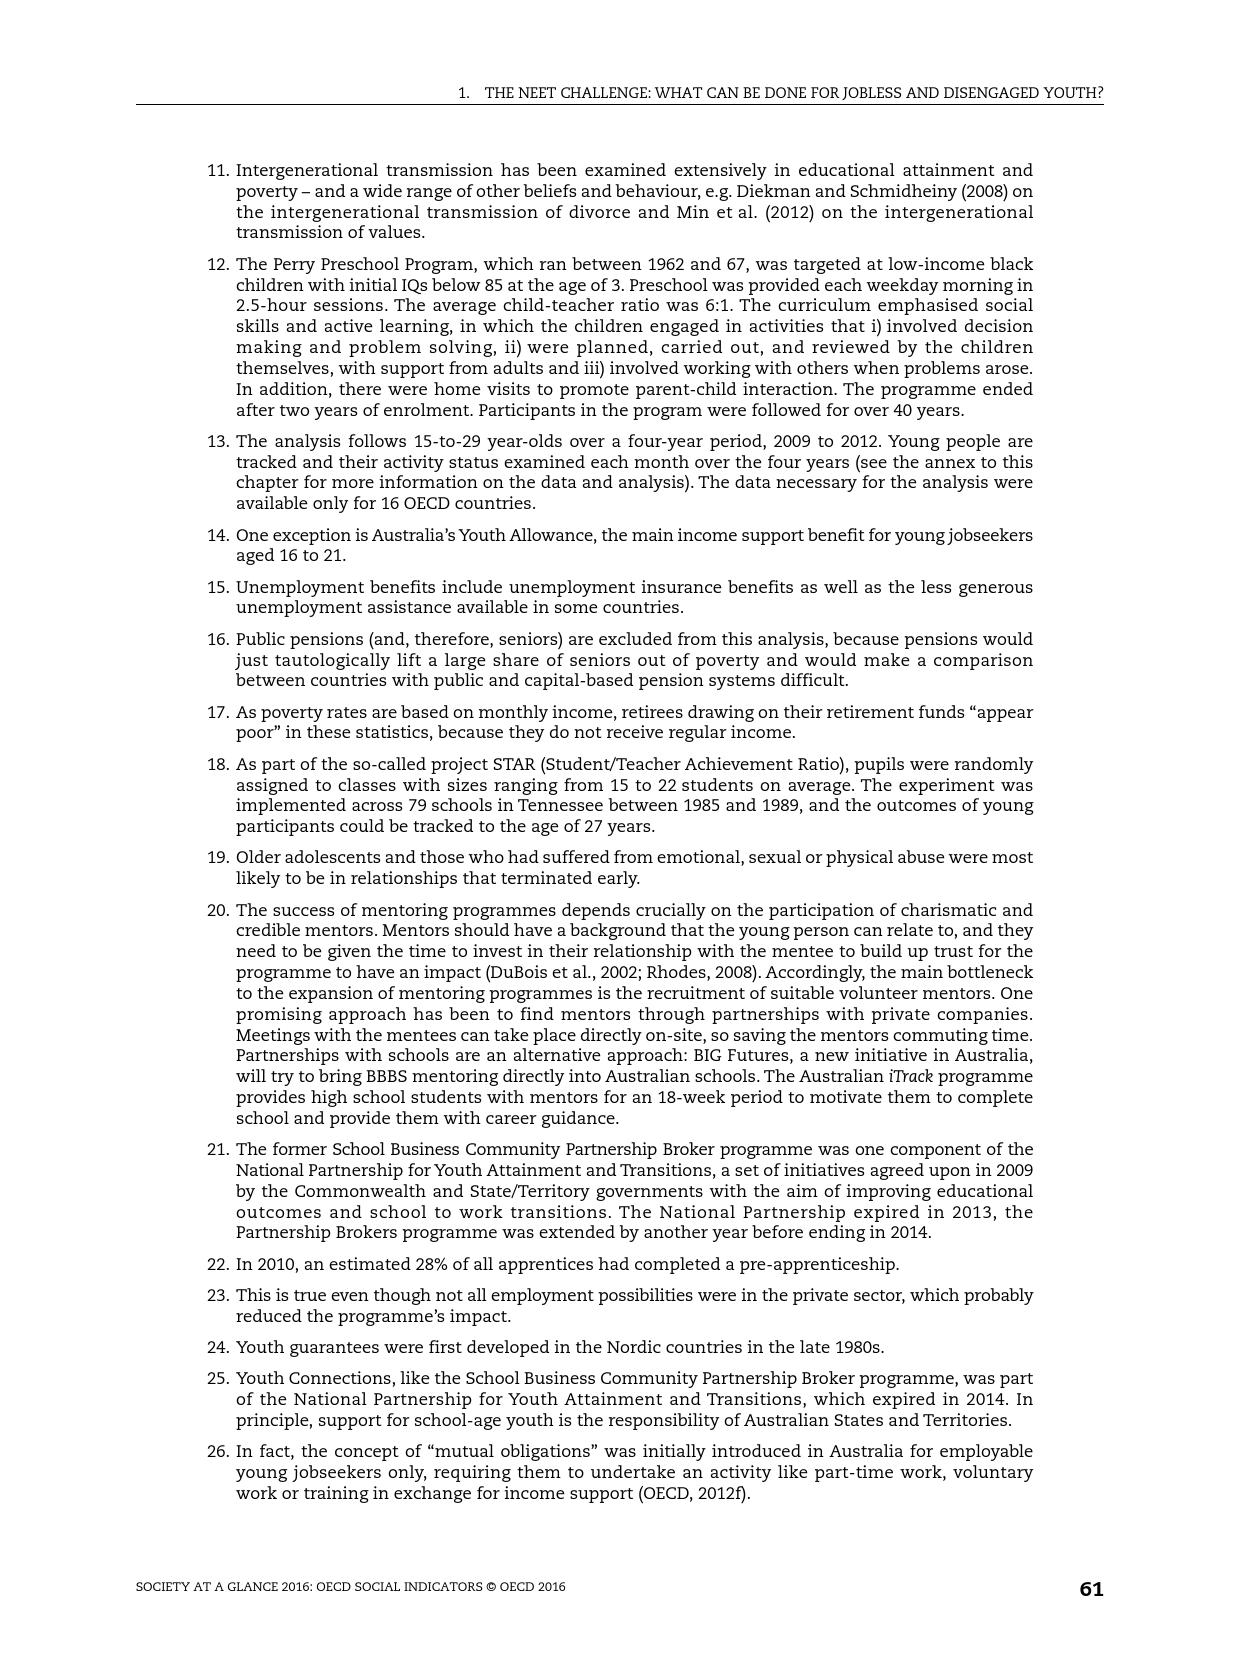 2016年OECD国家社会概览报告_000063